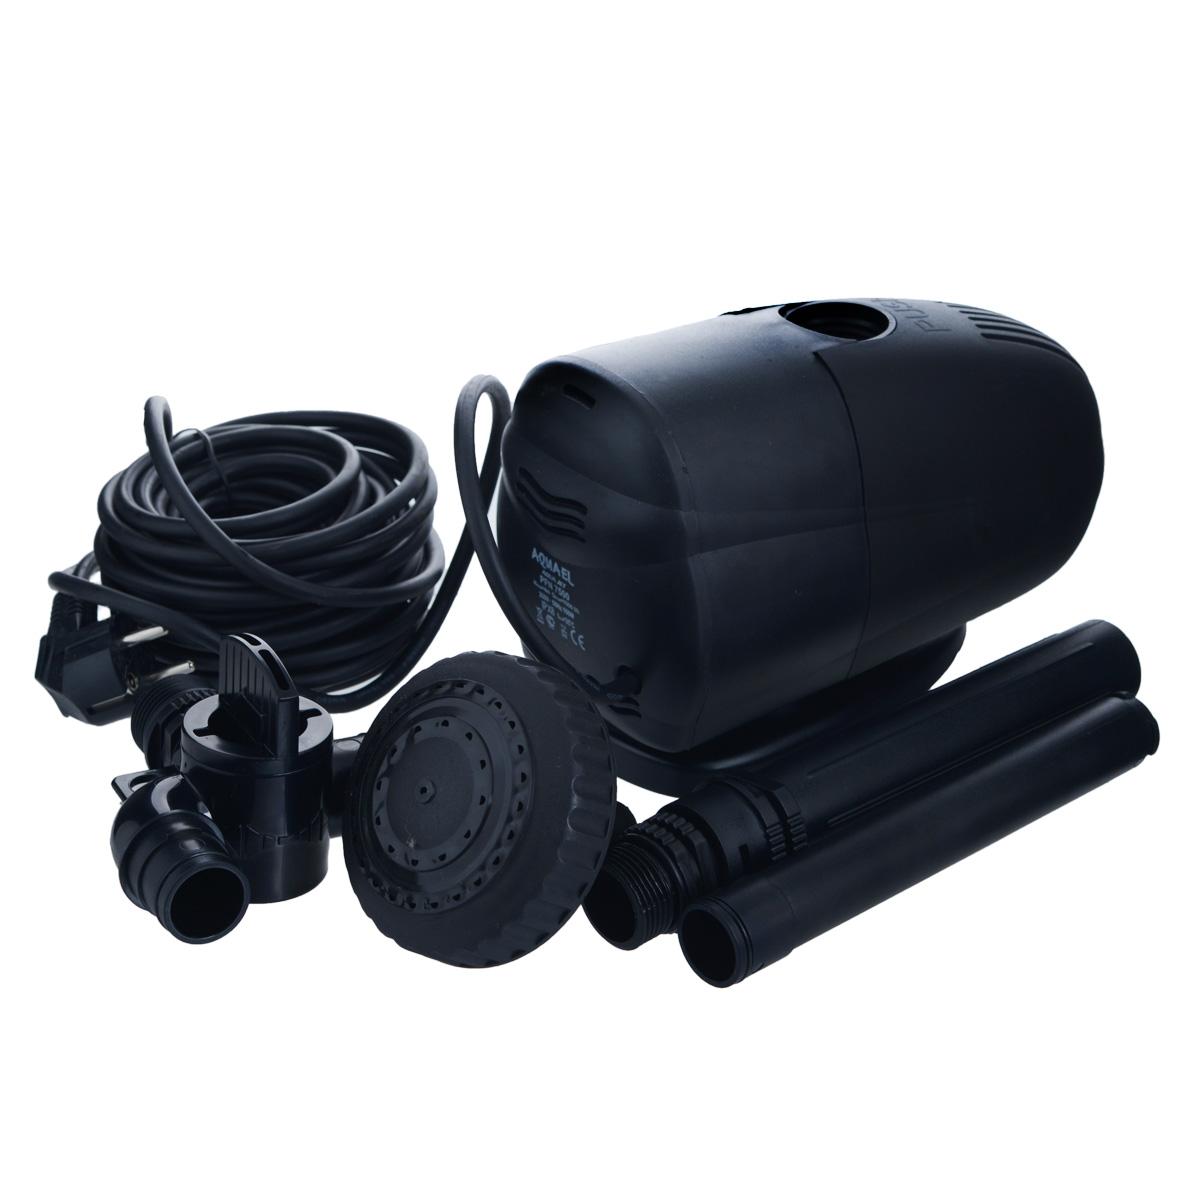 Насос фонтанный Aquael. PFN-7500PFN-7500Насос фонтанный Aquael предназначен для помпования и фильтрации воды в фонтанах, каскадах, водоемах, садовых прудах и приусадебных бассейнах.Может использоваться также в других условиях, например, в садоводстве, в домашнем или сельском хозяйстве, при разведении рыб или животных, на строительных площадках и т.д. Небольшие размеры, значительная производительность и возможность регуляции, а прежде всего, простота конструкции, делает насос универсальным и эффективным. Для расширения возможности фонтана можно использовать дополнительные аксессуары из ассортимента Aquael. Максимальная температура: 35°C.Максимальная высота фонтана: 4 м.Размер насоса: 23 см х 12 см х 14 см.Длина кабеля: 10 м.Мощность: 7000 л/ч.